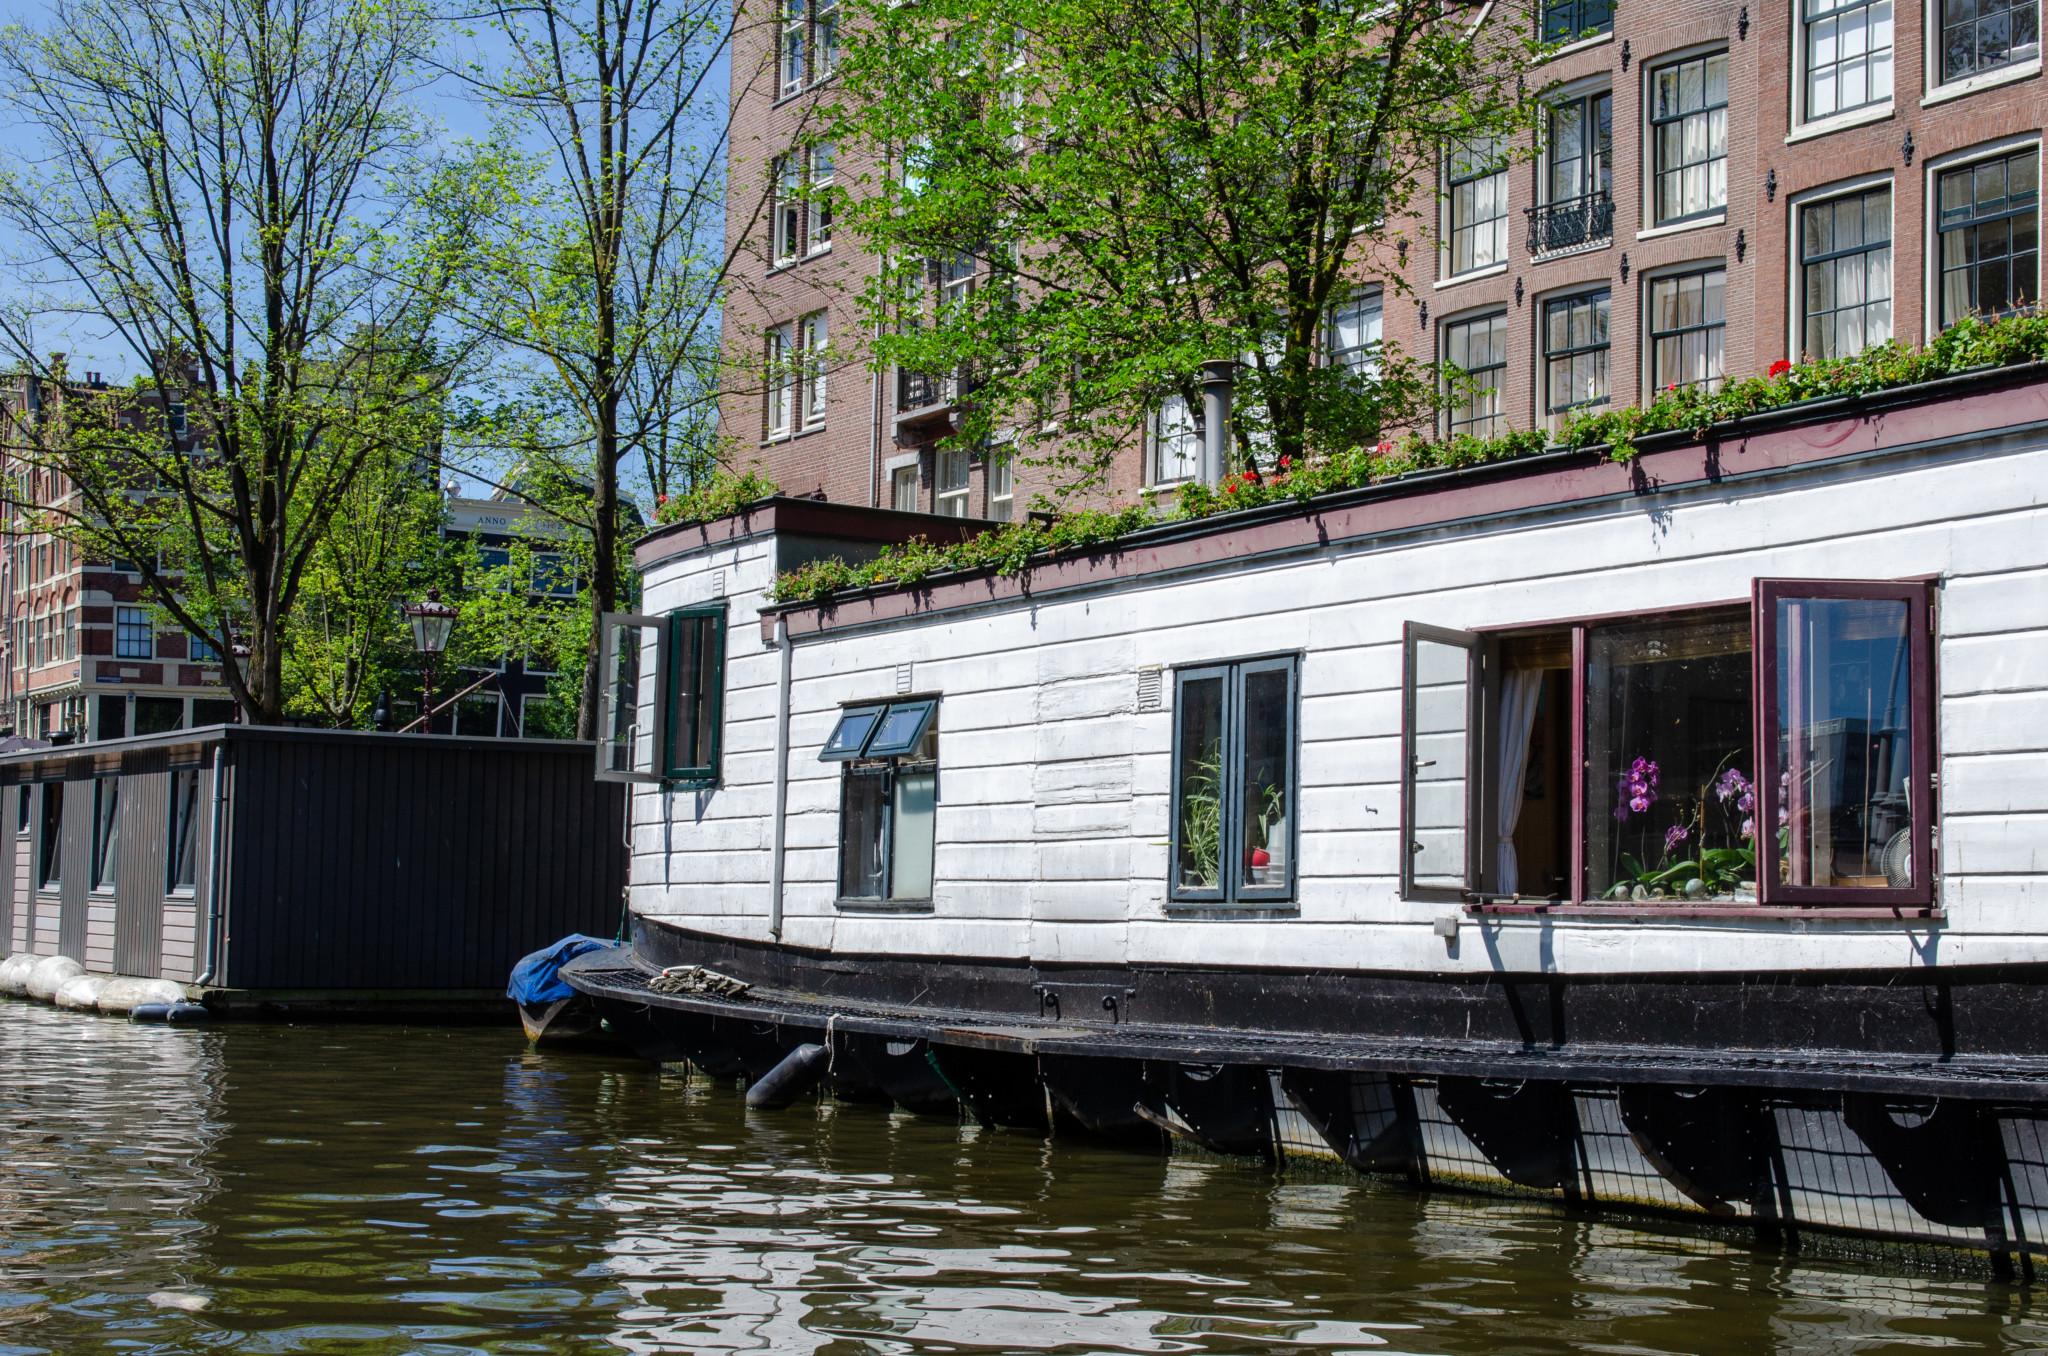 Hausboote sind in Amsterdam nicht günstig